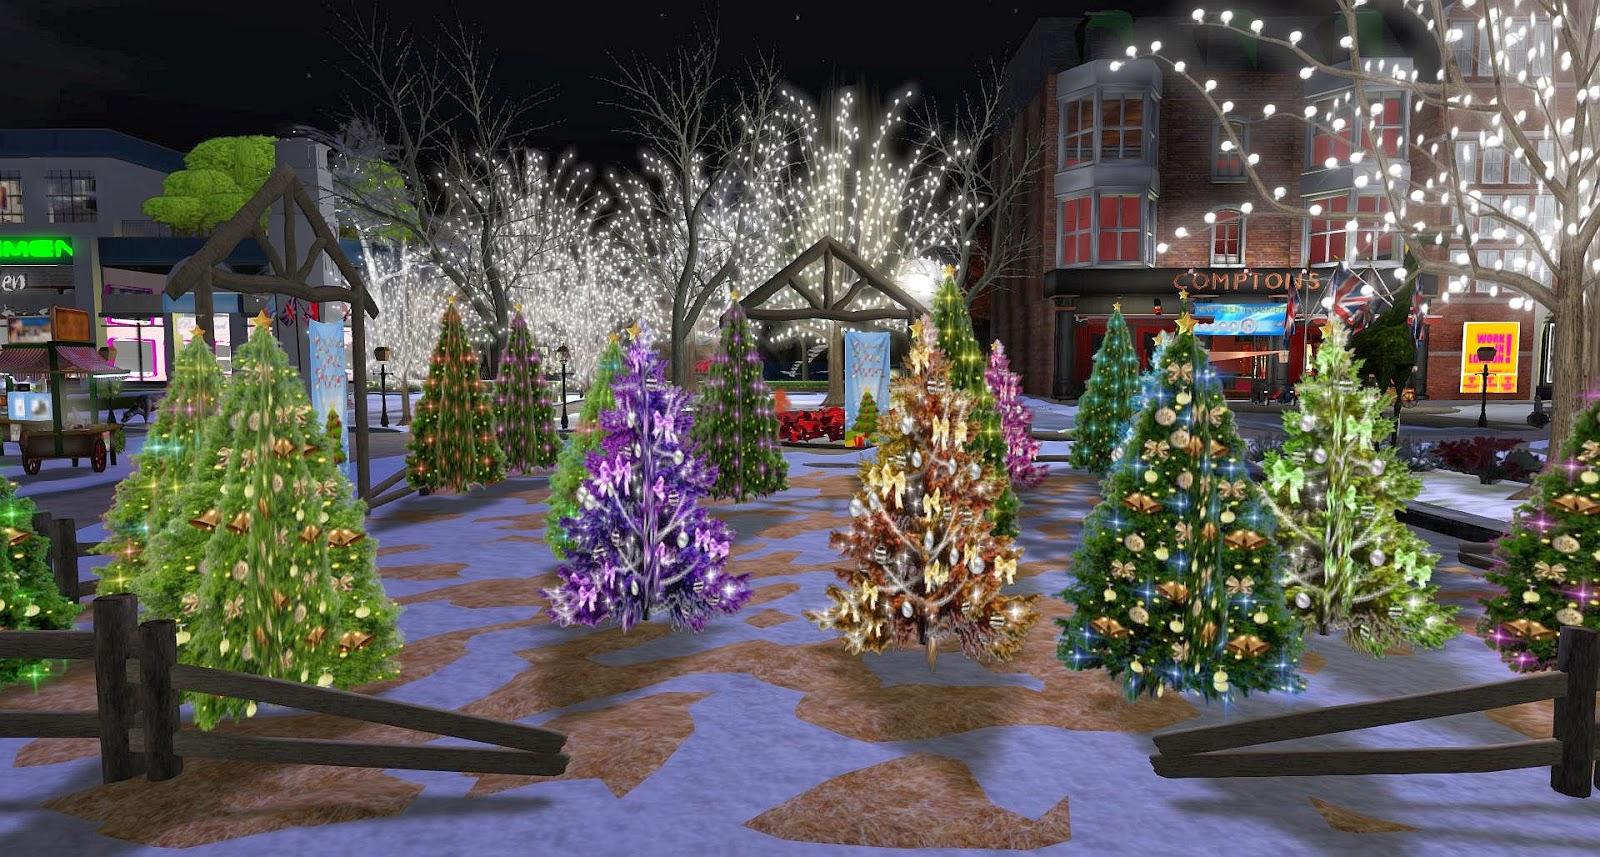 London City: Christmas Tree Farm - Free Trees